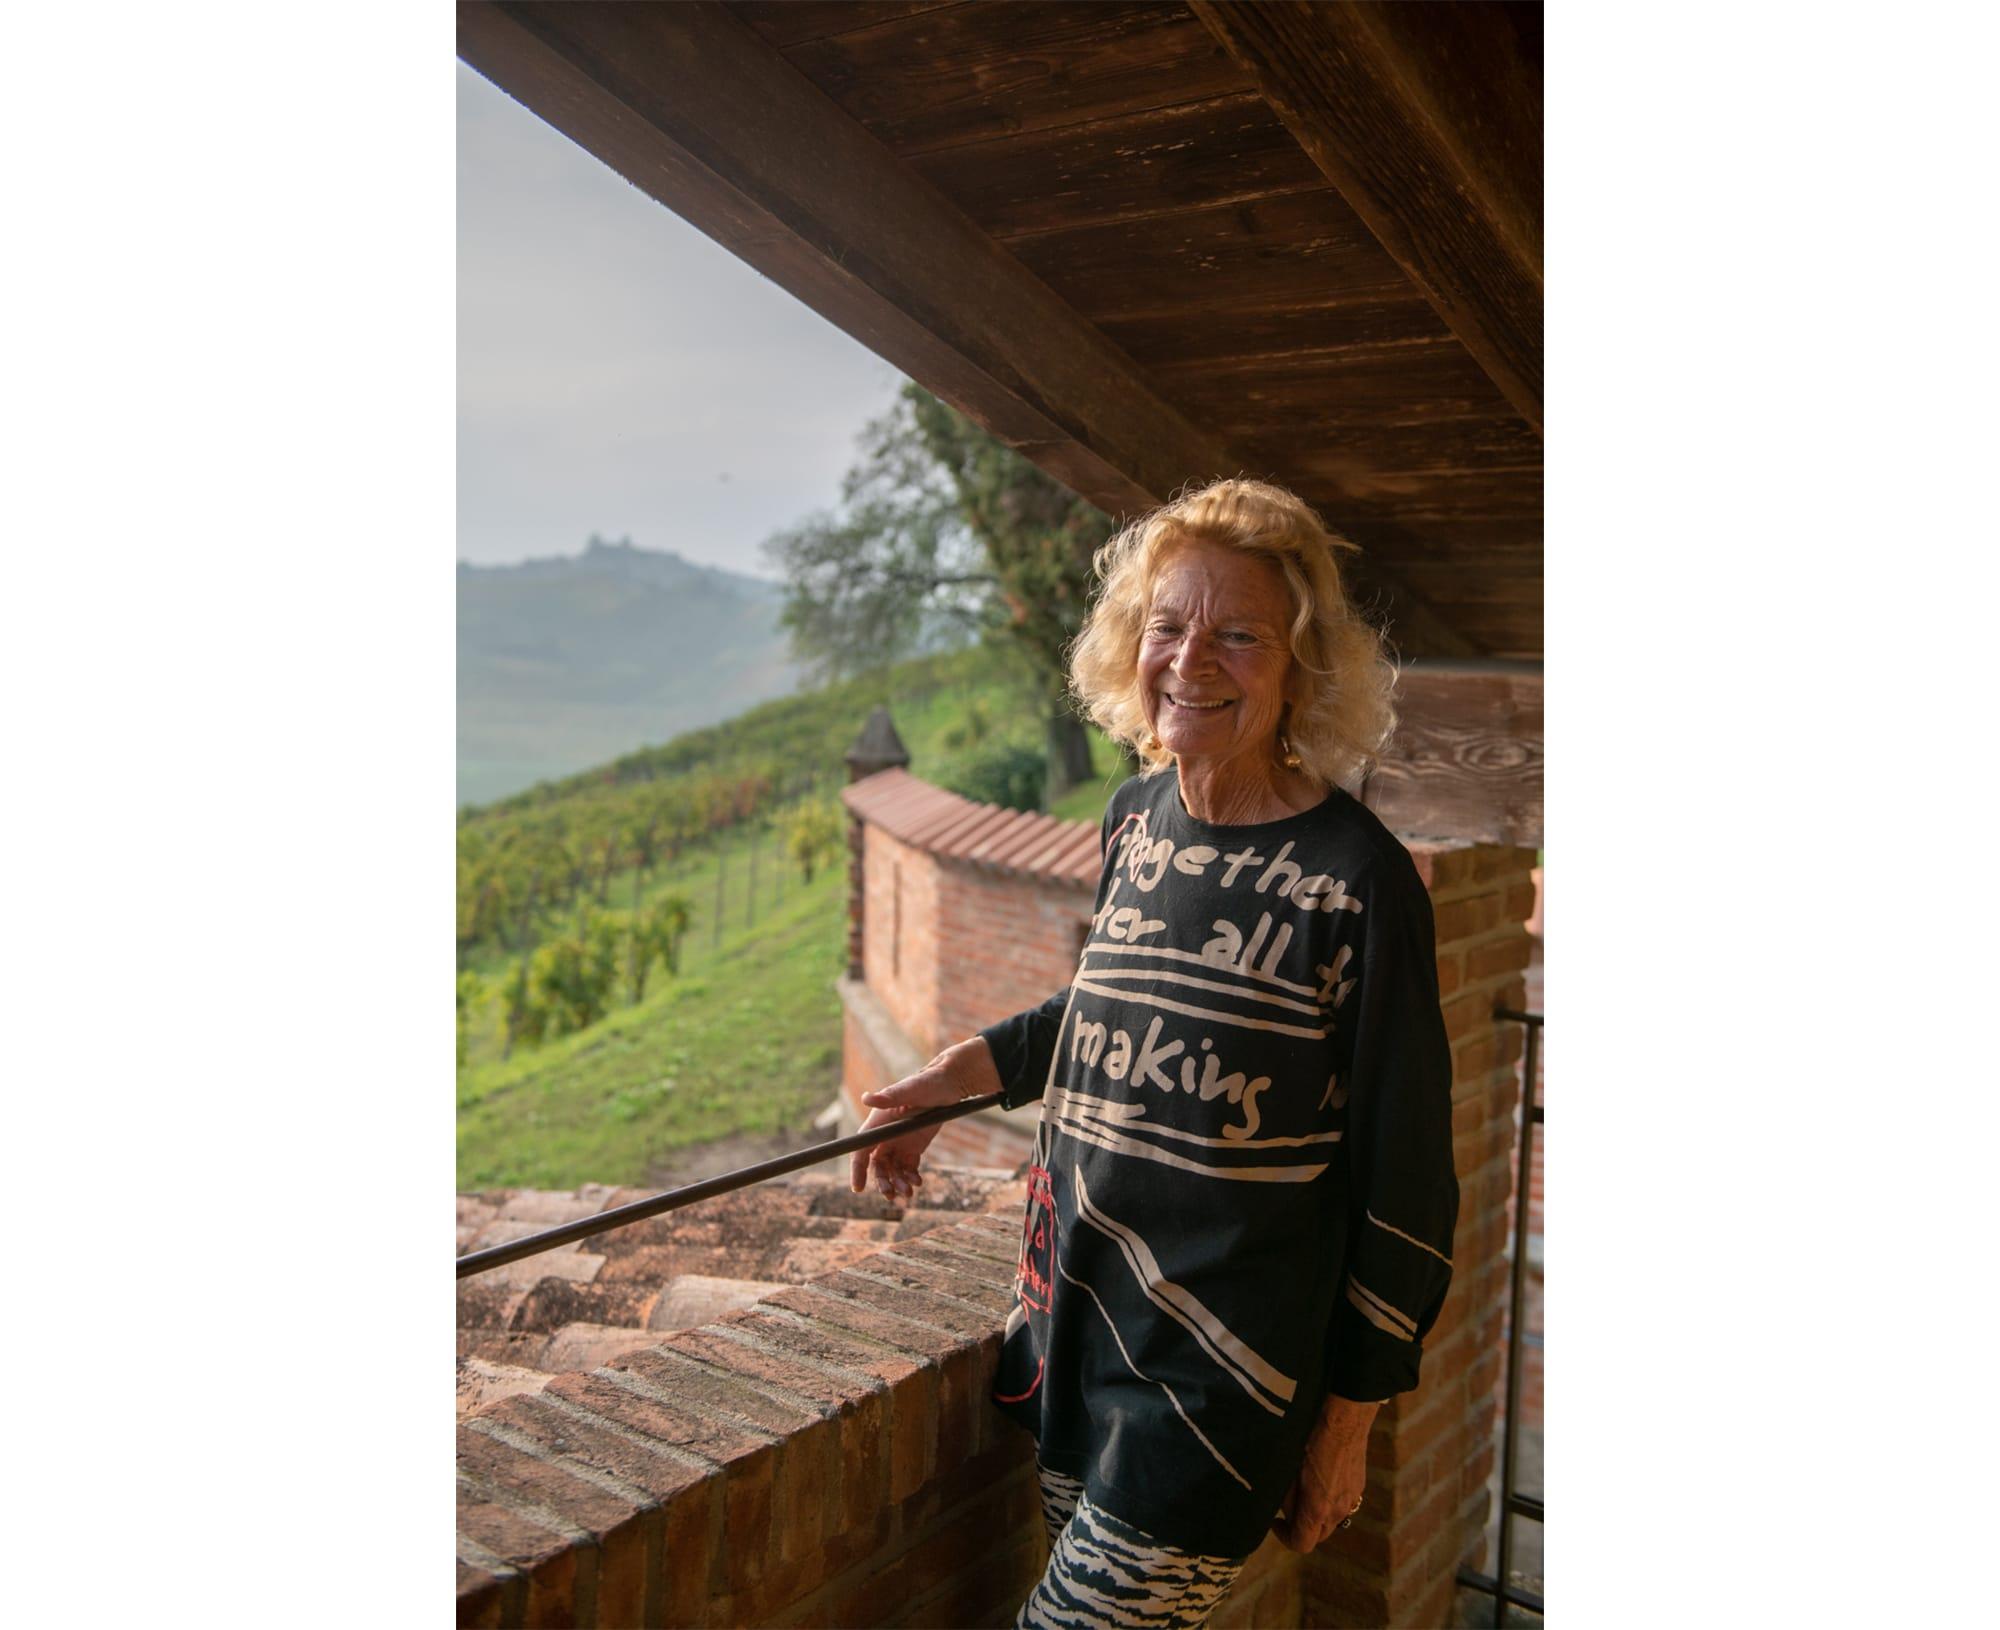 『カステッロ・ディ・ルッツァーノ』のオーナーであるジョヴァネッラ・フガッツァ。ワインビジネスに携わる女性たちの協会「レ・ドンネ・デル・ヴィーノ」の創始者でもある。